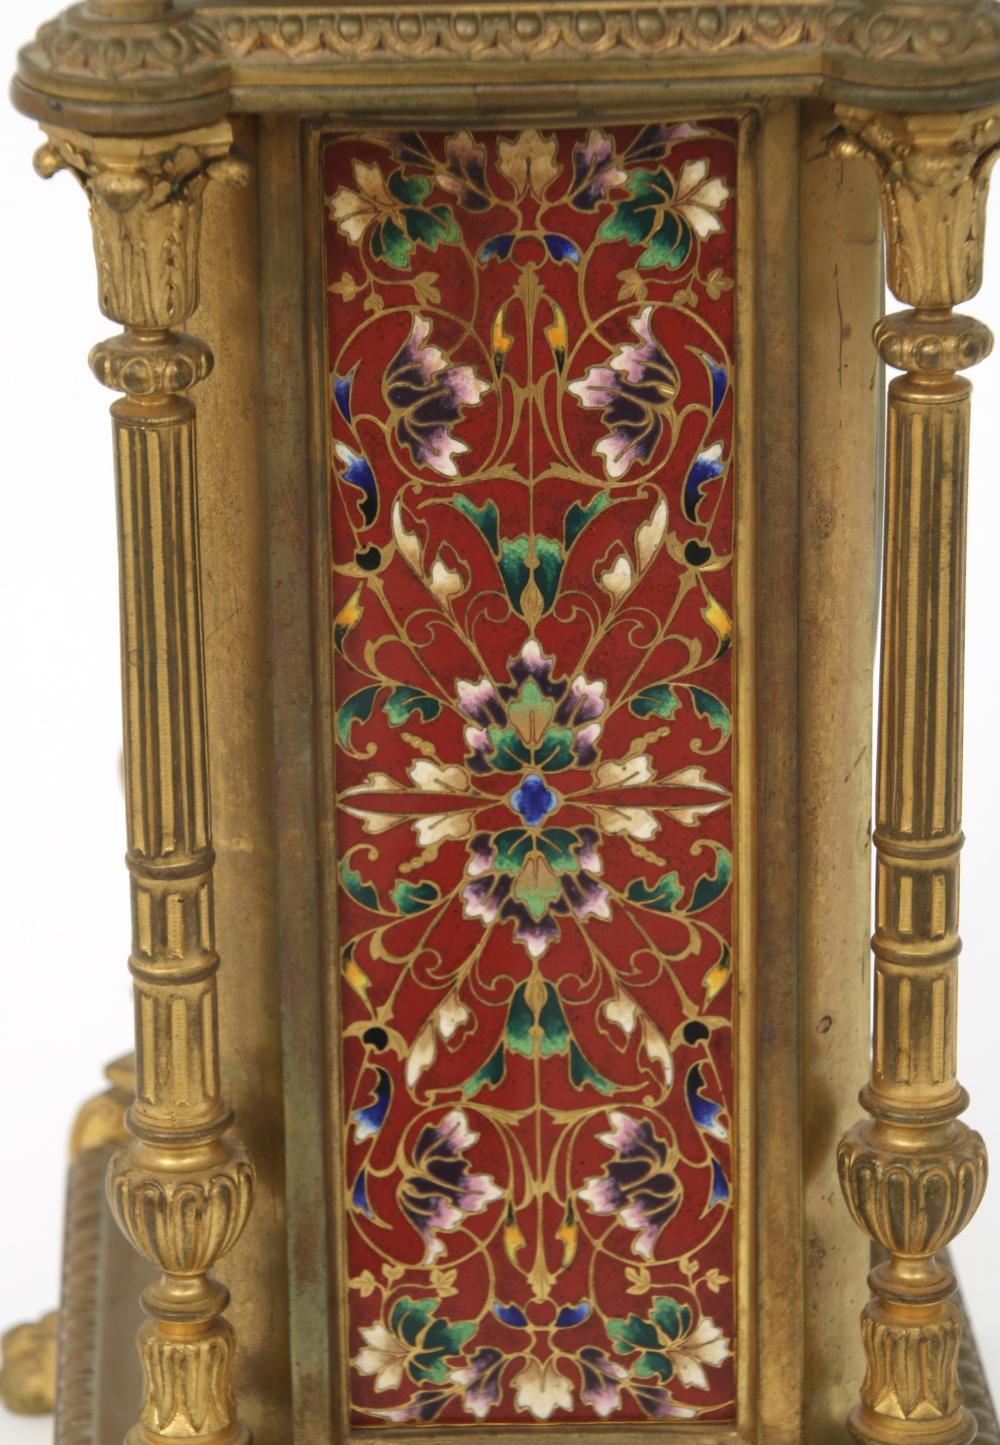 Tiffany & Co. Bronze & Cloisonné Mantel Clock